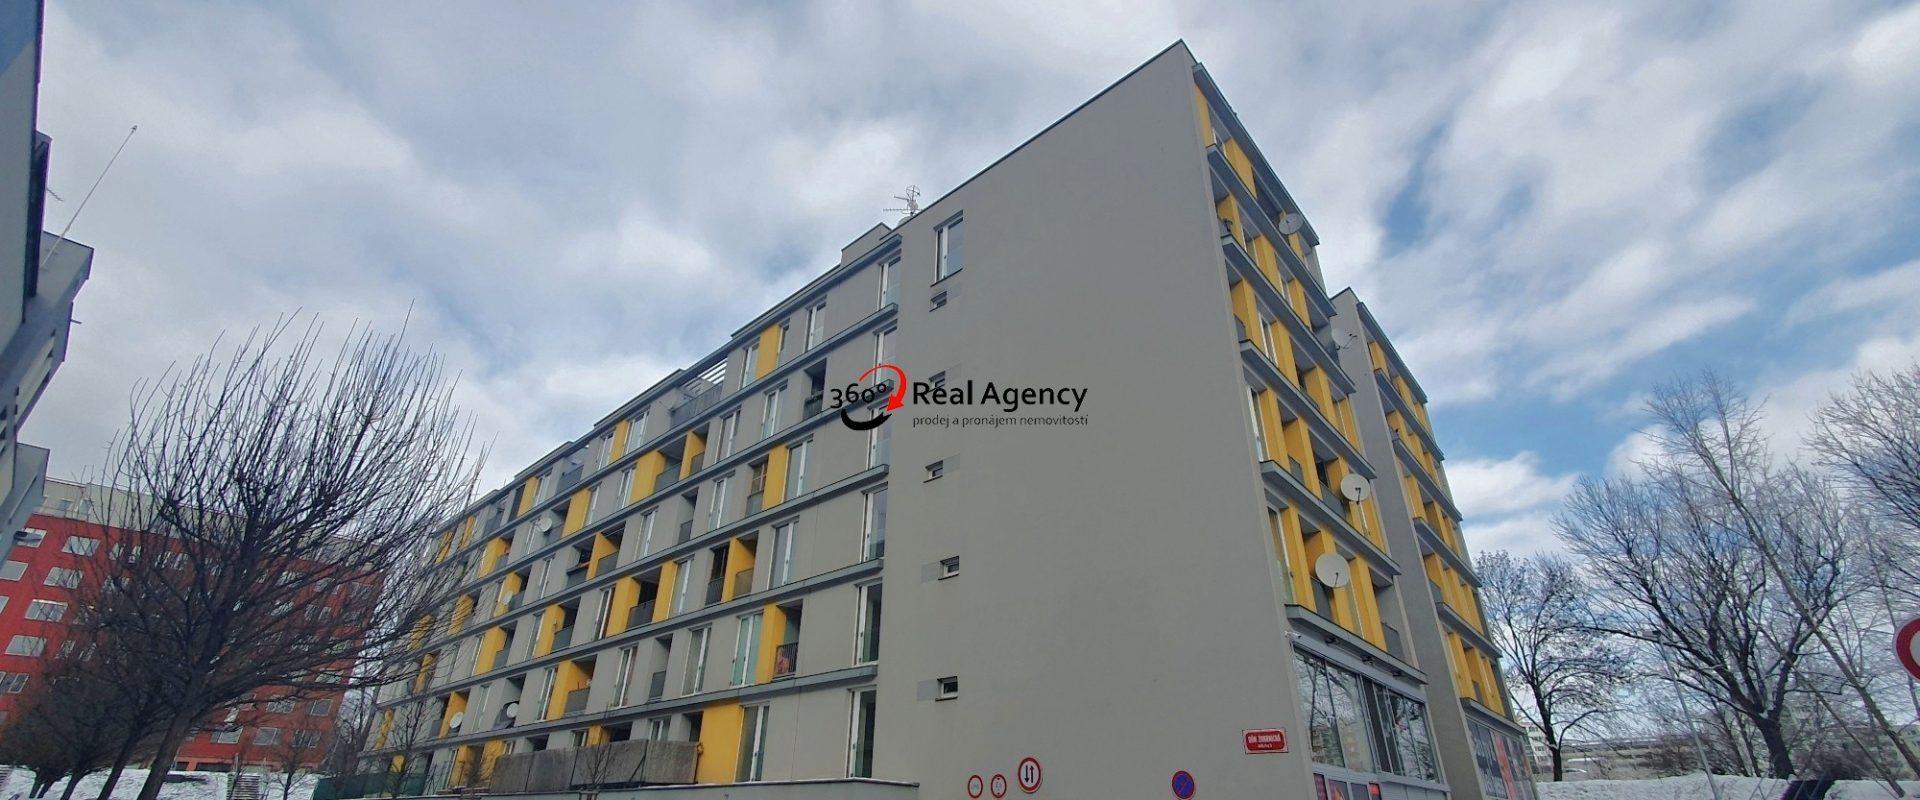 Prodej bytu 1+kk/L/sklep 41 m², ul. Zubrnická, Praha 9 – Prosek.